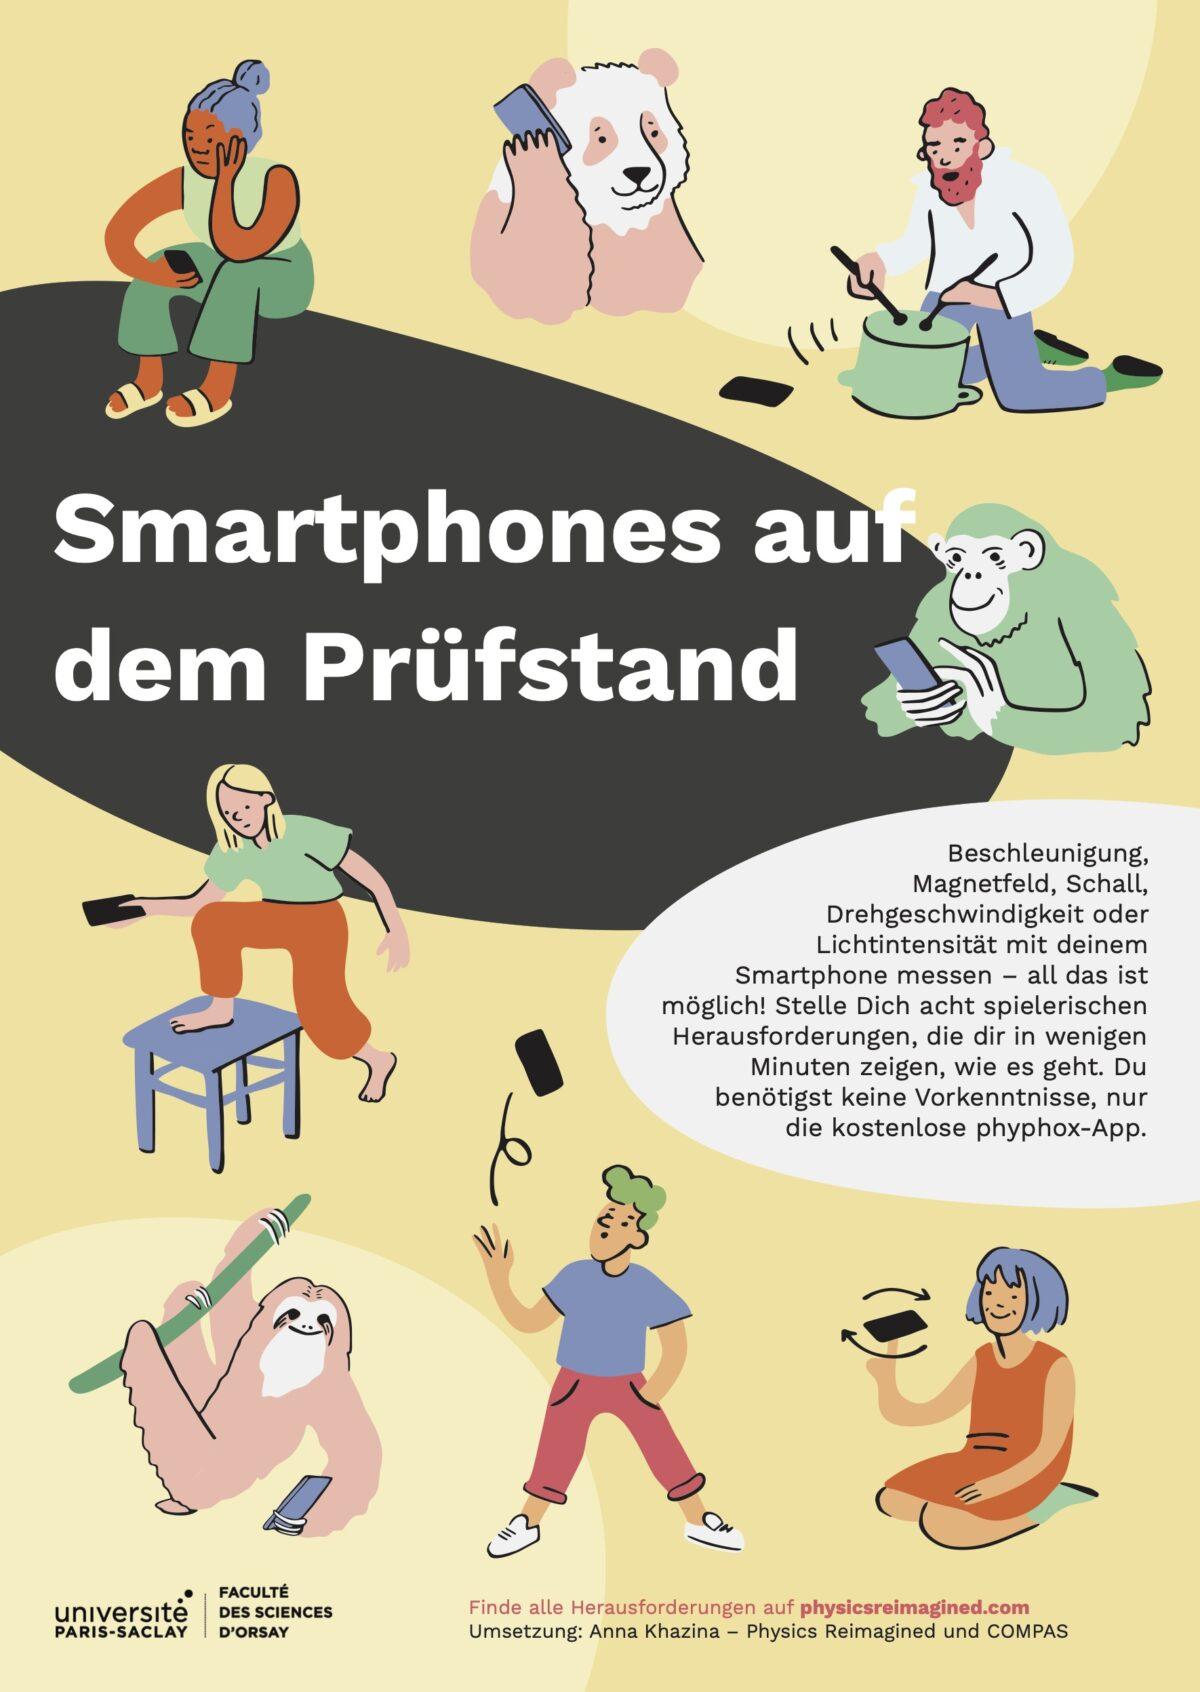 Smartphones auf dem Prüfstand